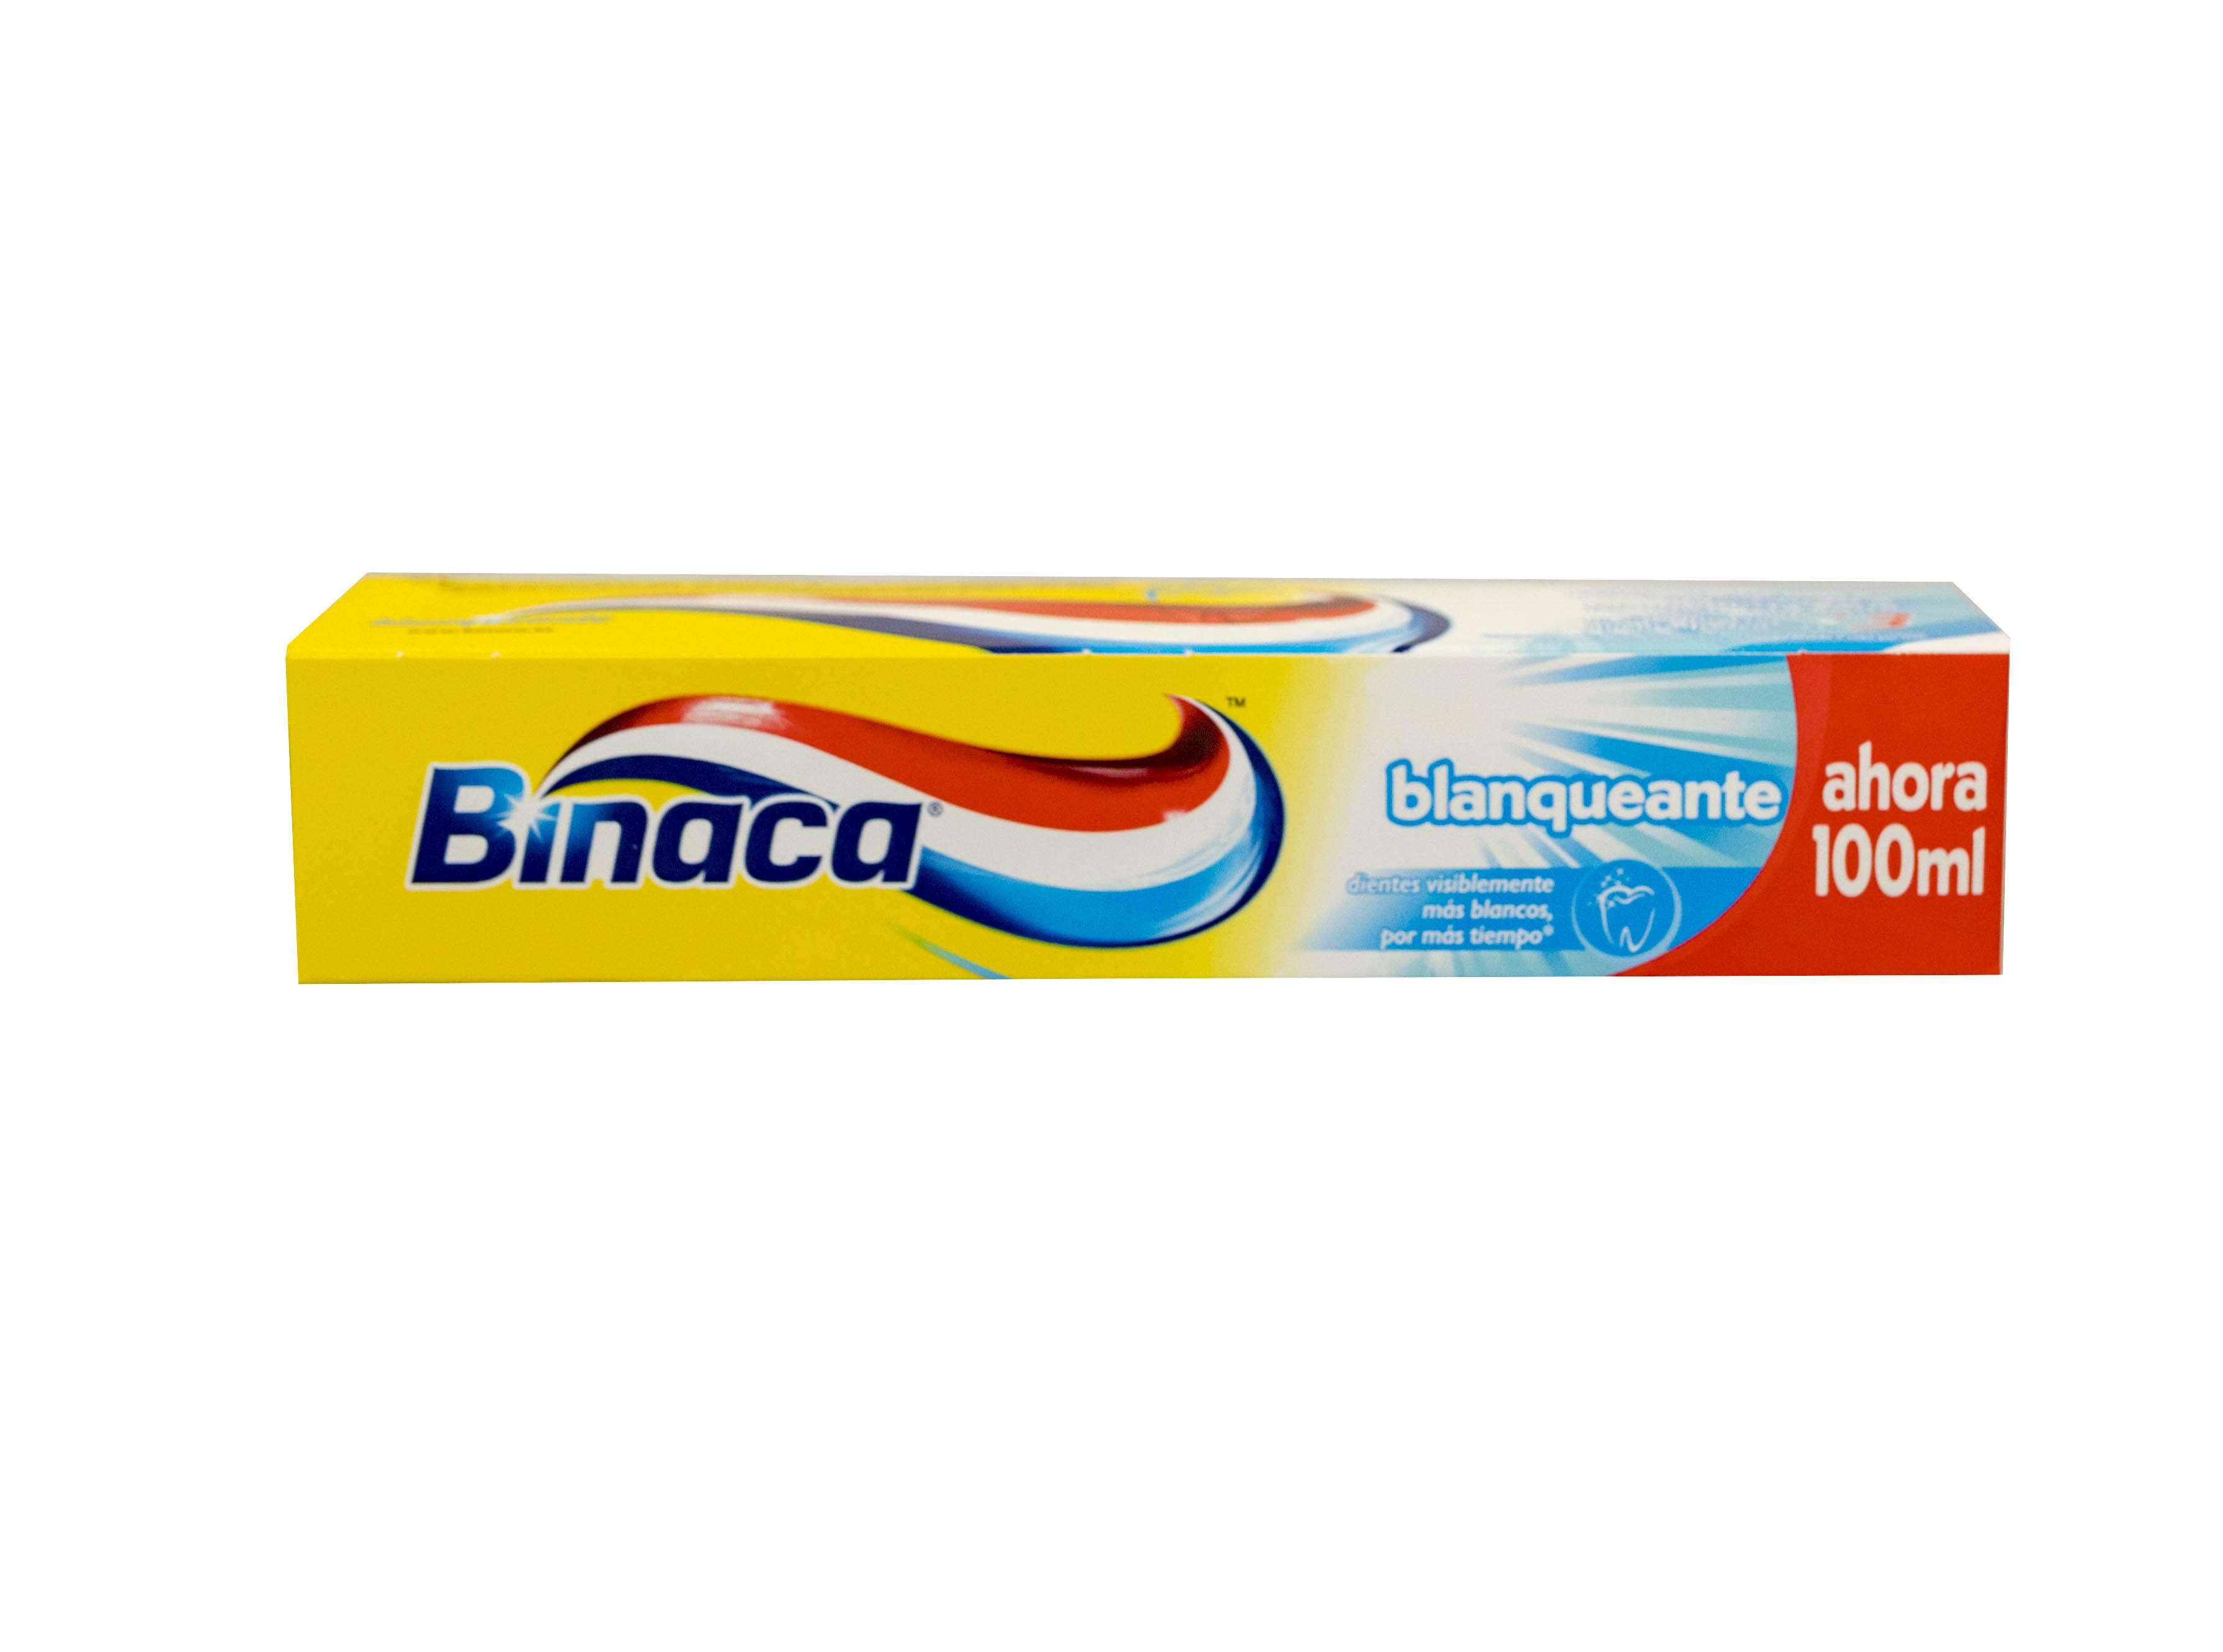 Binaca Blanqueante